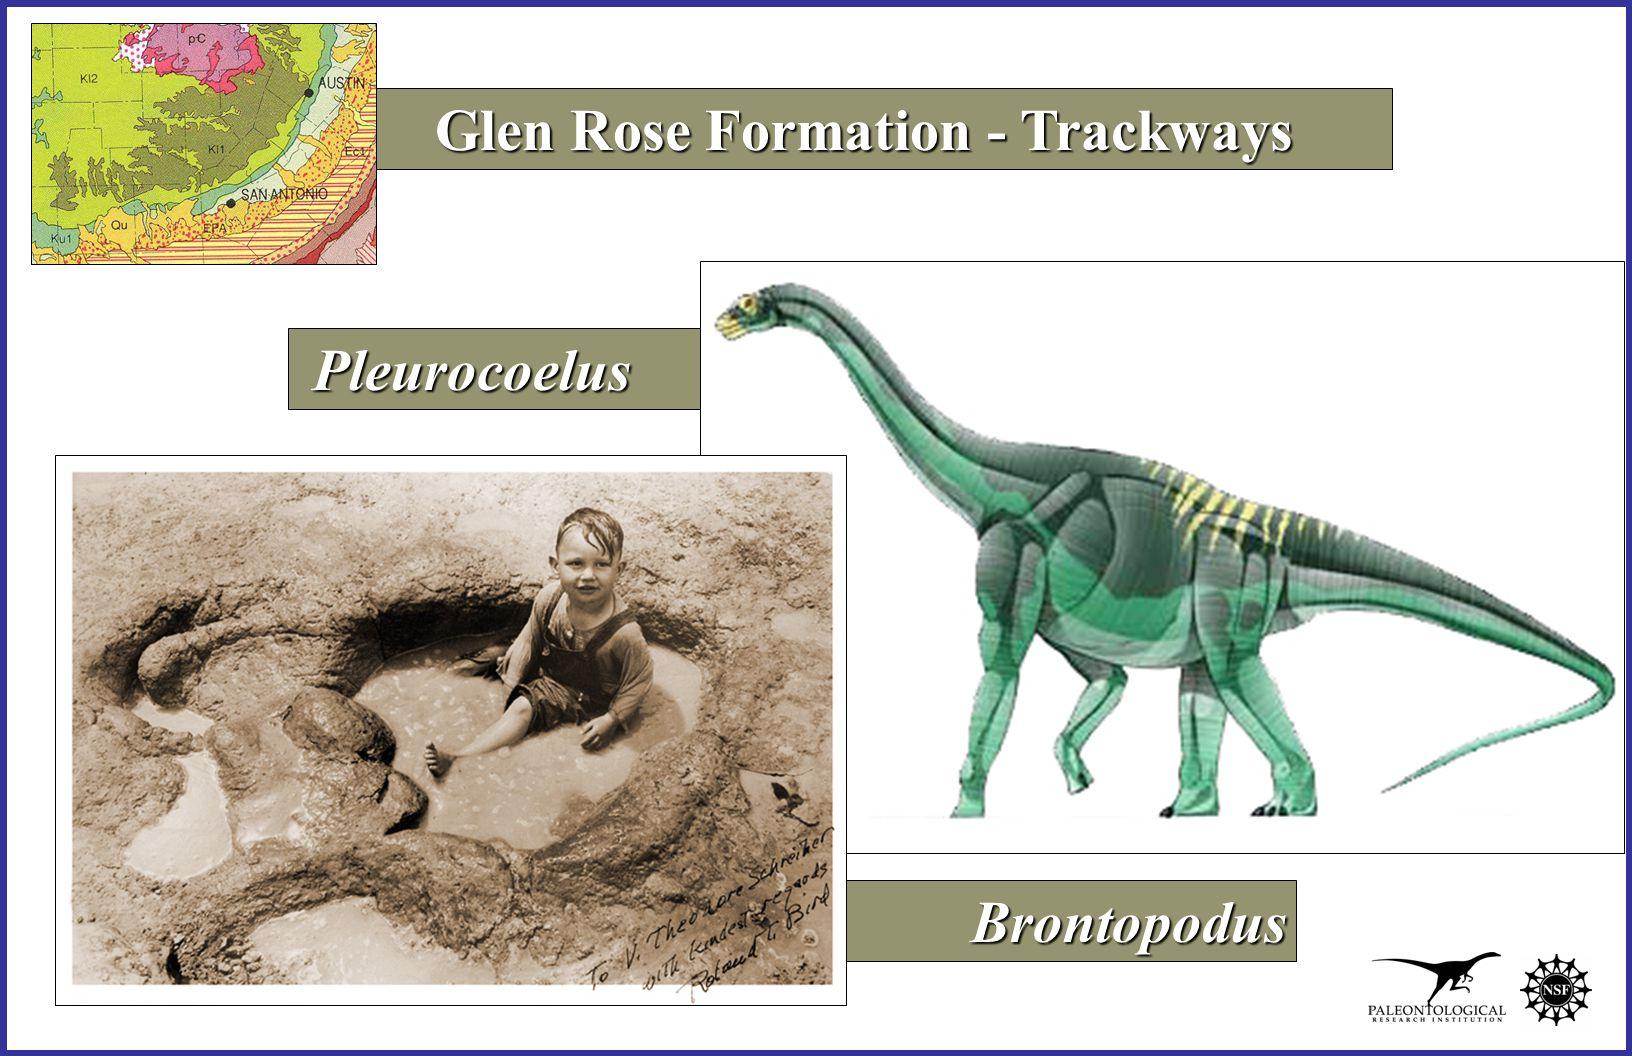 Pleurocoelus Pleurocoelus Brontopodus Brontopodus Glen Rose Formation - Trackways